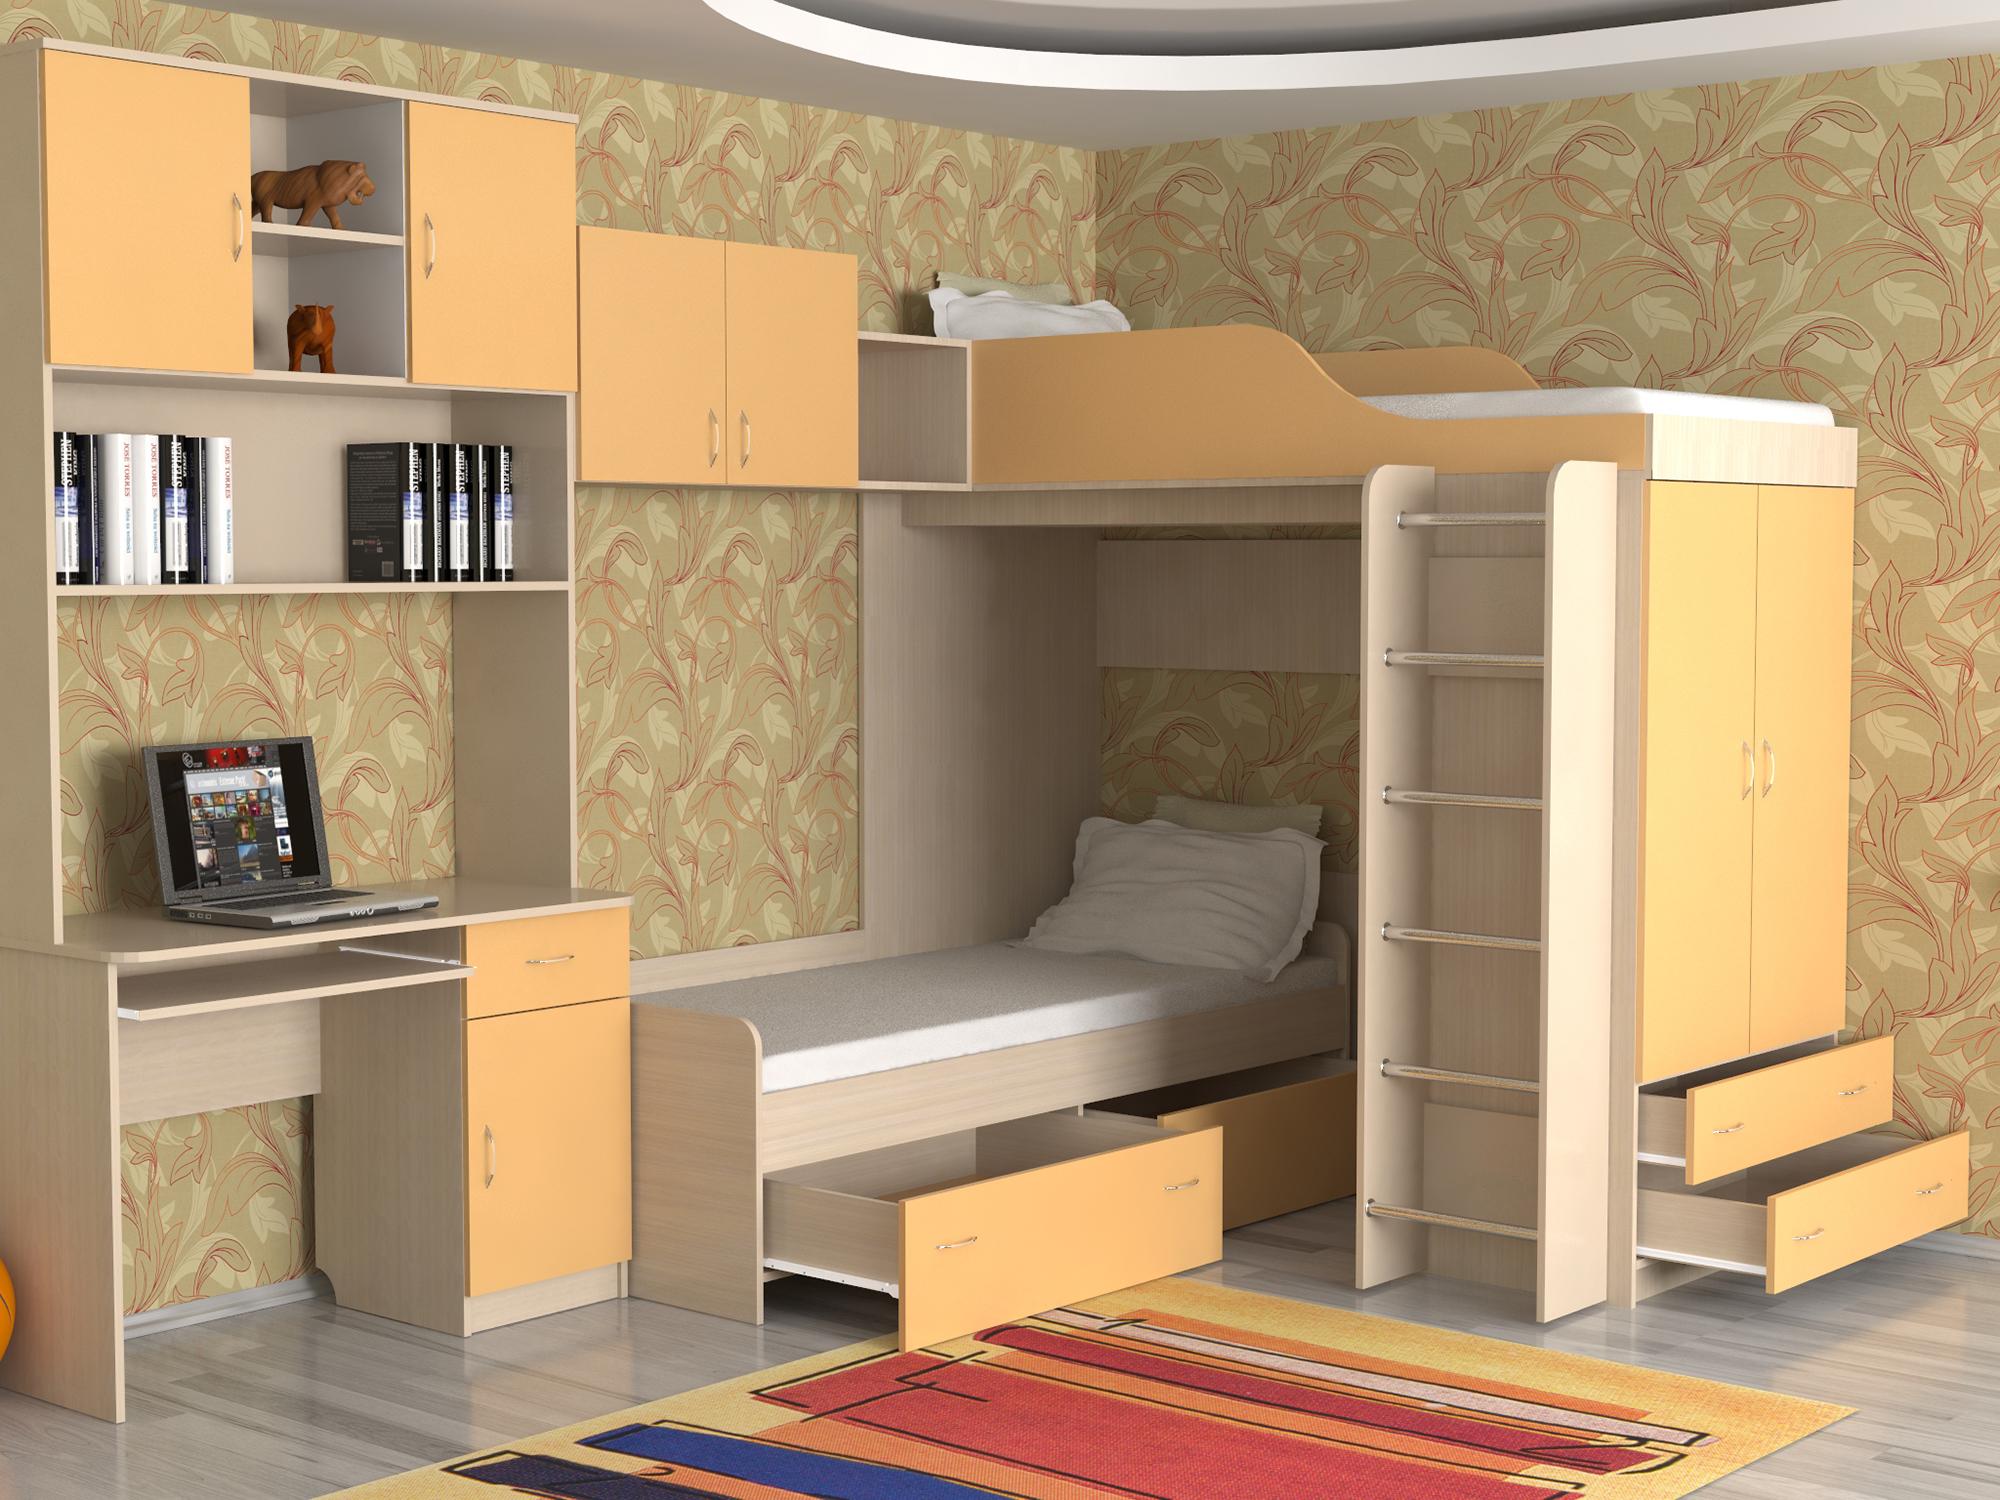 Бежево-персиковая двухъярусная кровать для двух детей